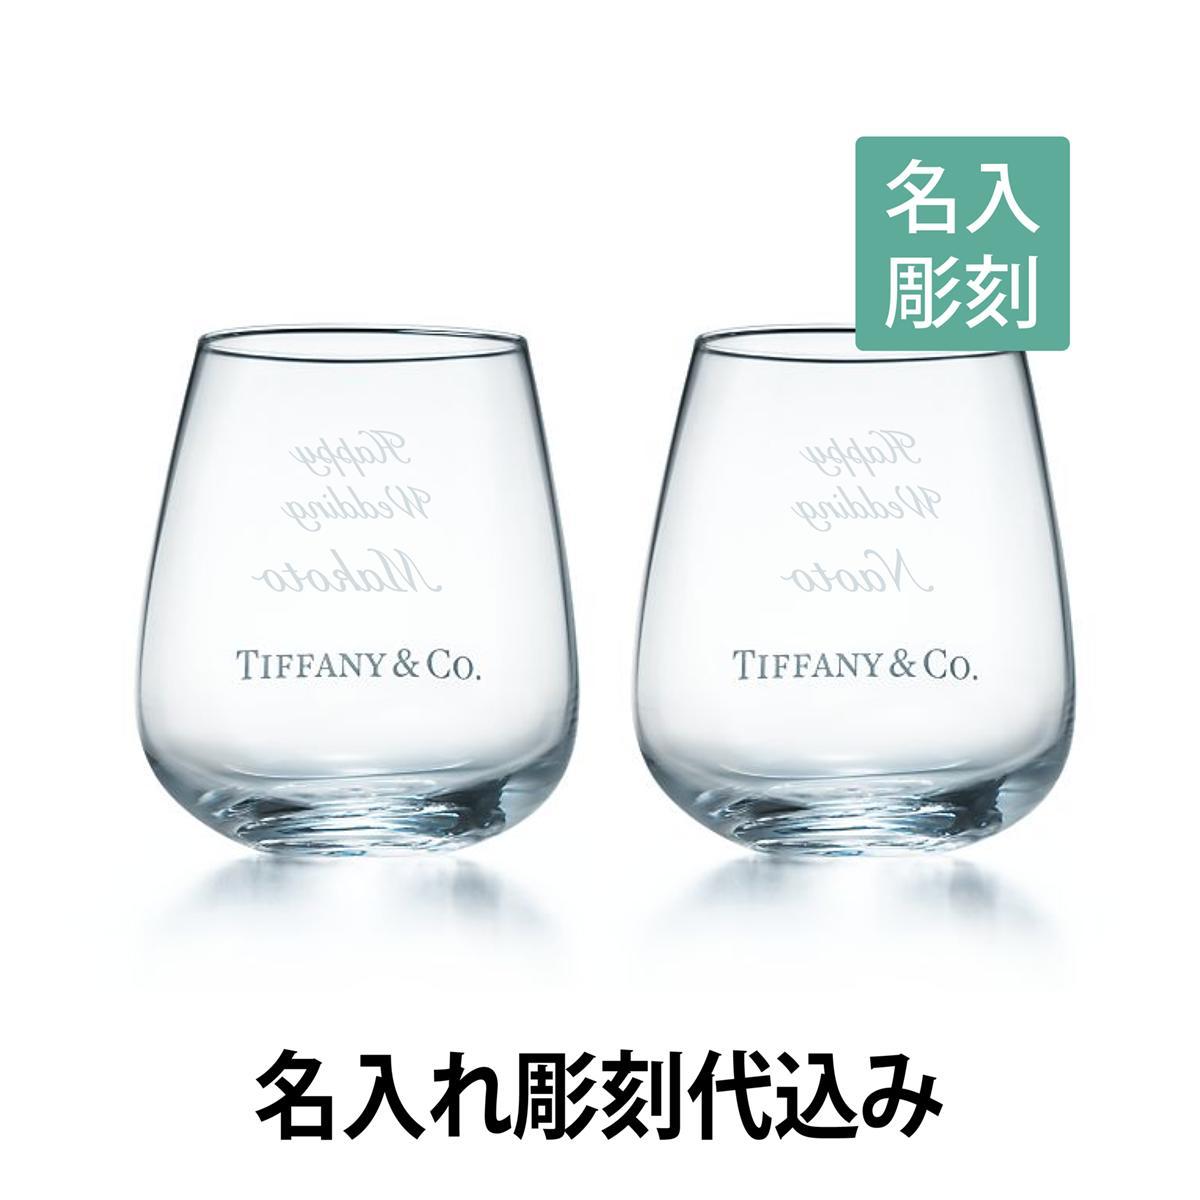 Tiffany & Co. 名入れタンブラー